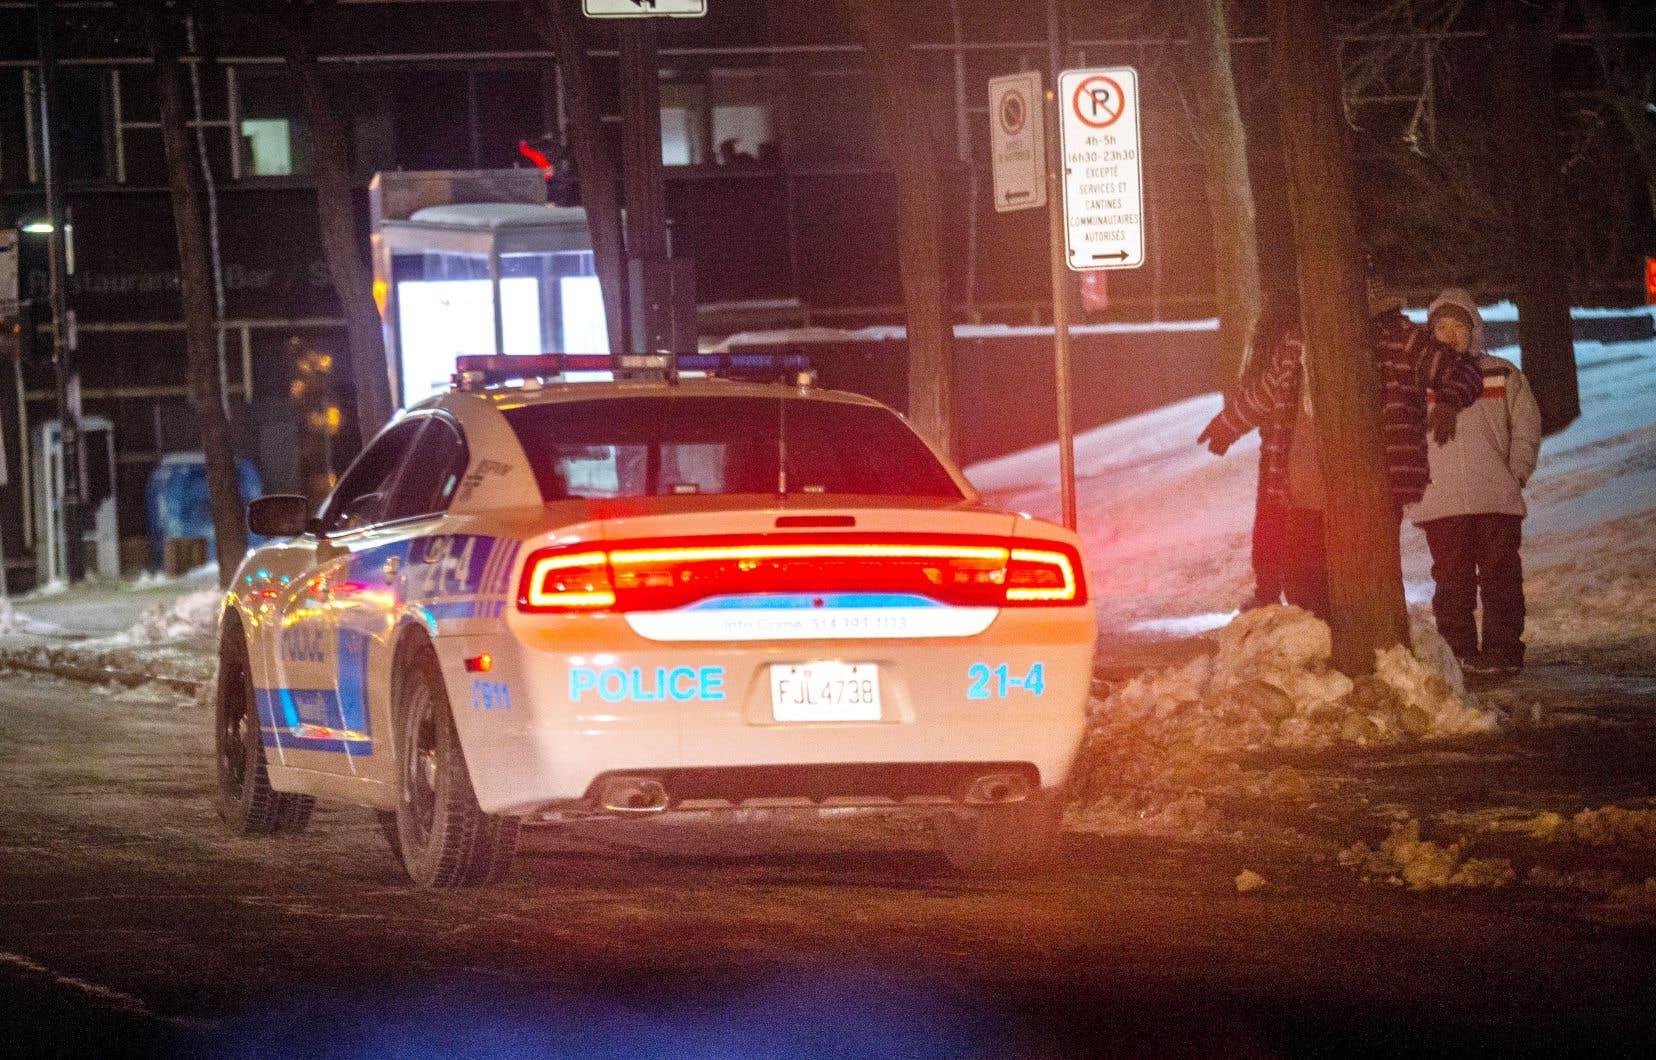 À Montréal, c'est le non-respect du couvre-feu qui a entraîné le plus grand nombre de constats. Ainsi, entre le 1eret le 7mars, le SPVM indique avoir émis 372 constats ou rapports d'infraction généraux, dont 263 pour des accrocs aux règles du couvre-feu.